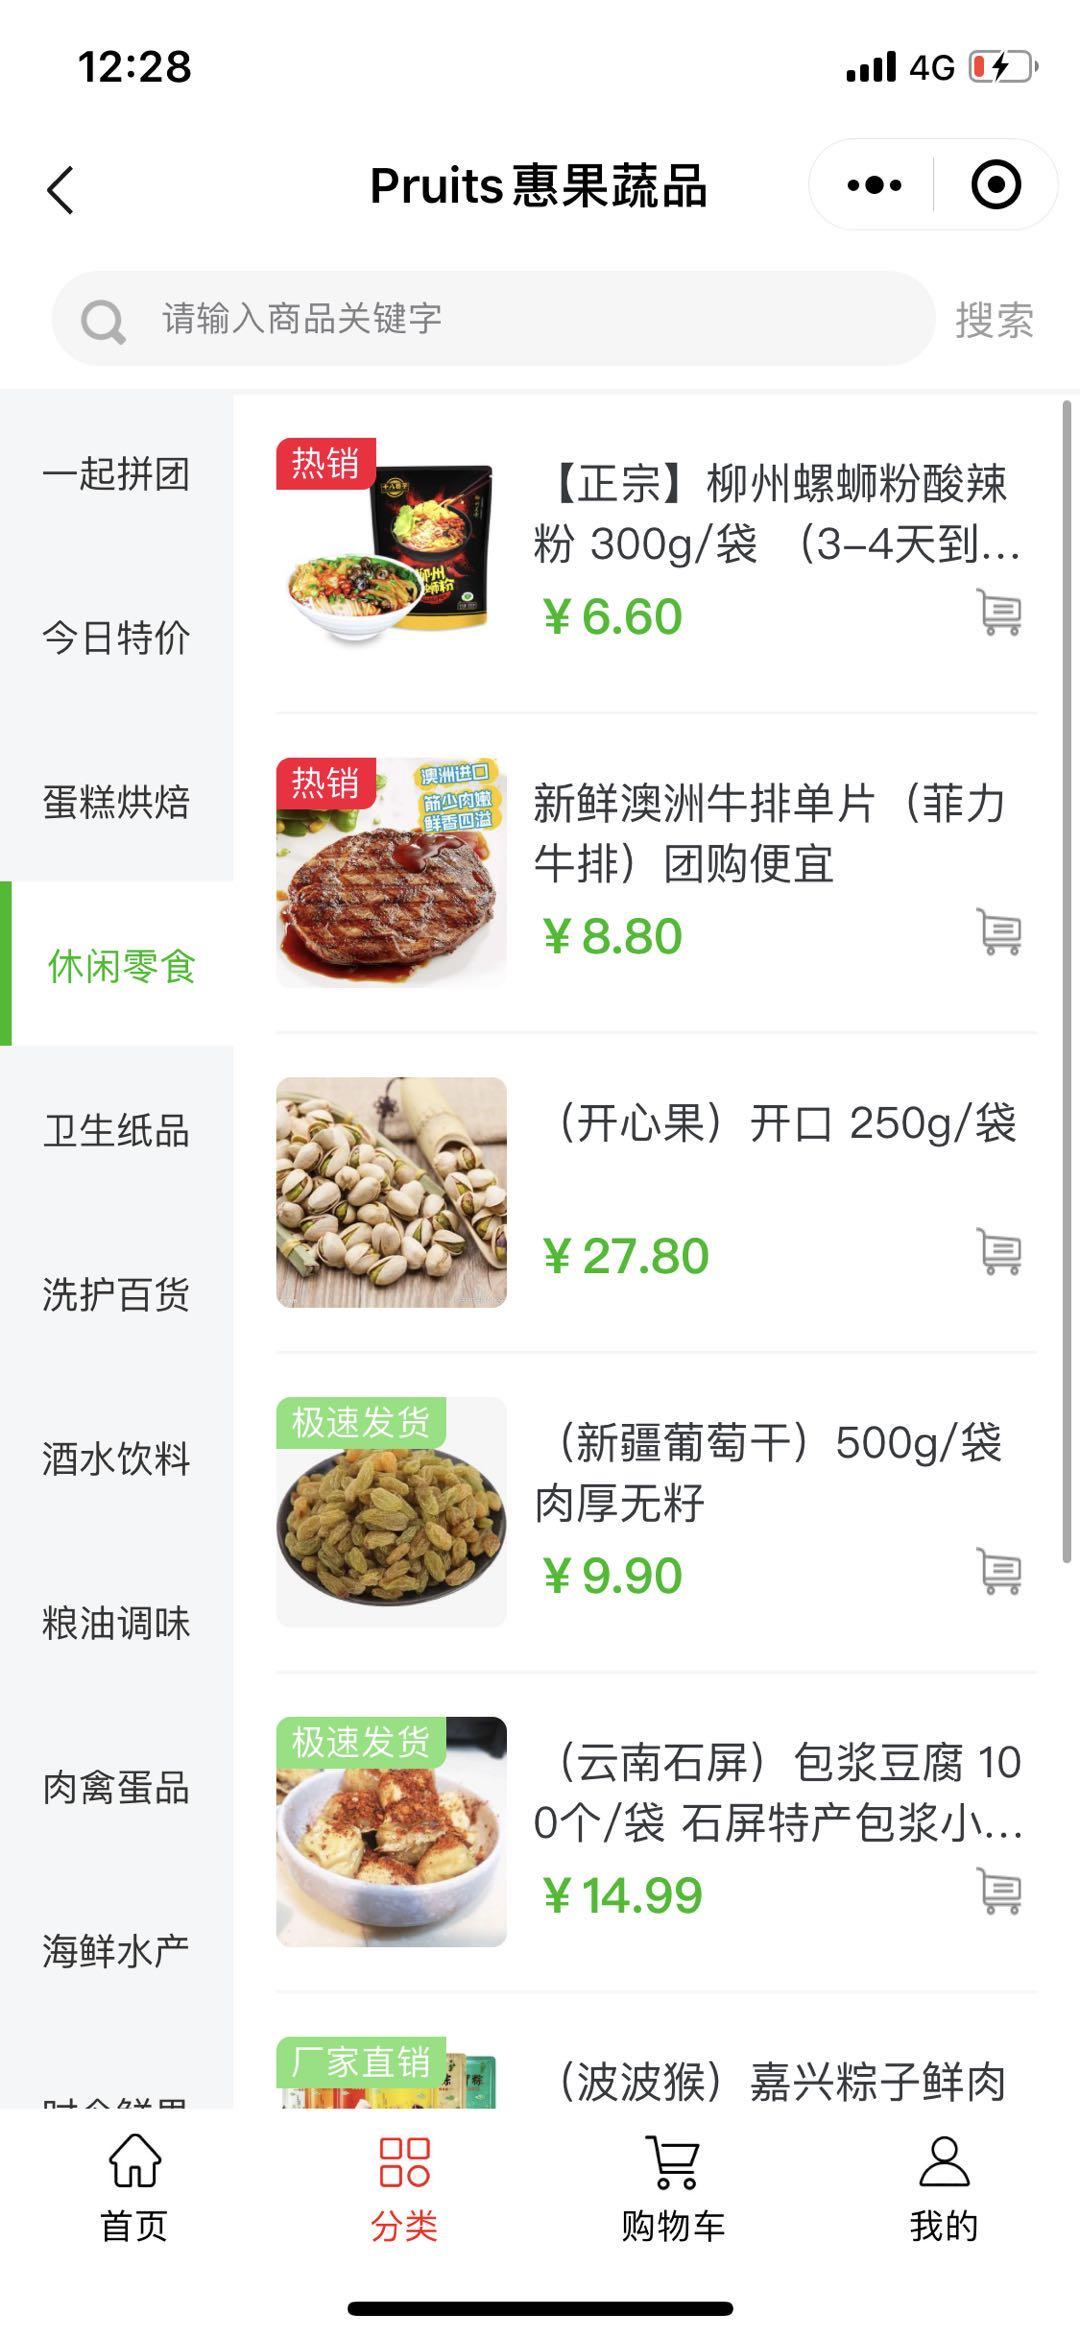 微信Pruits惠果蔬品小程序效果图预览